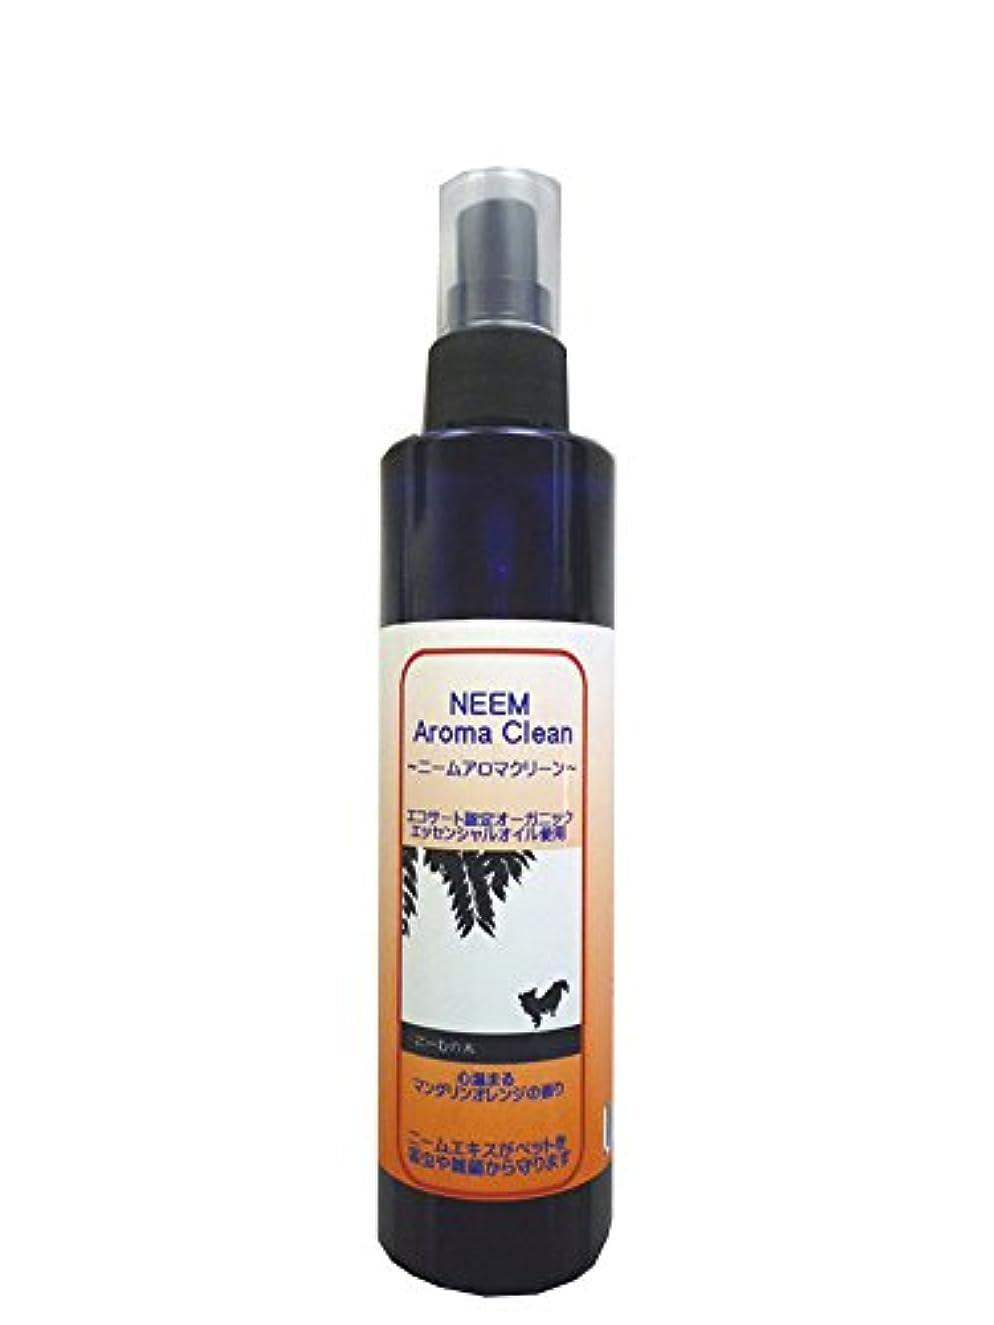 省略する分類する分解するニームアロマクリーン(マンダリンオレンジ) NEEM Aroma Clean 200ml 【BLOOM】【(ノミ?ダニ)駆除用としてもお使いいただけます。】